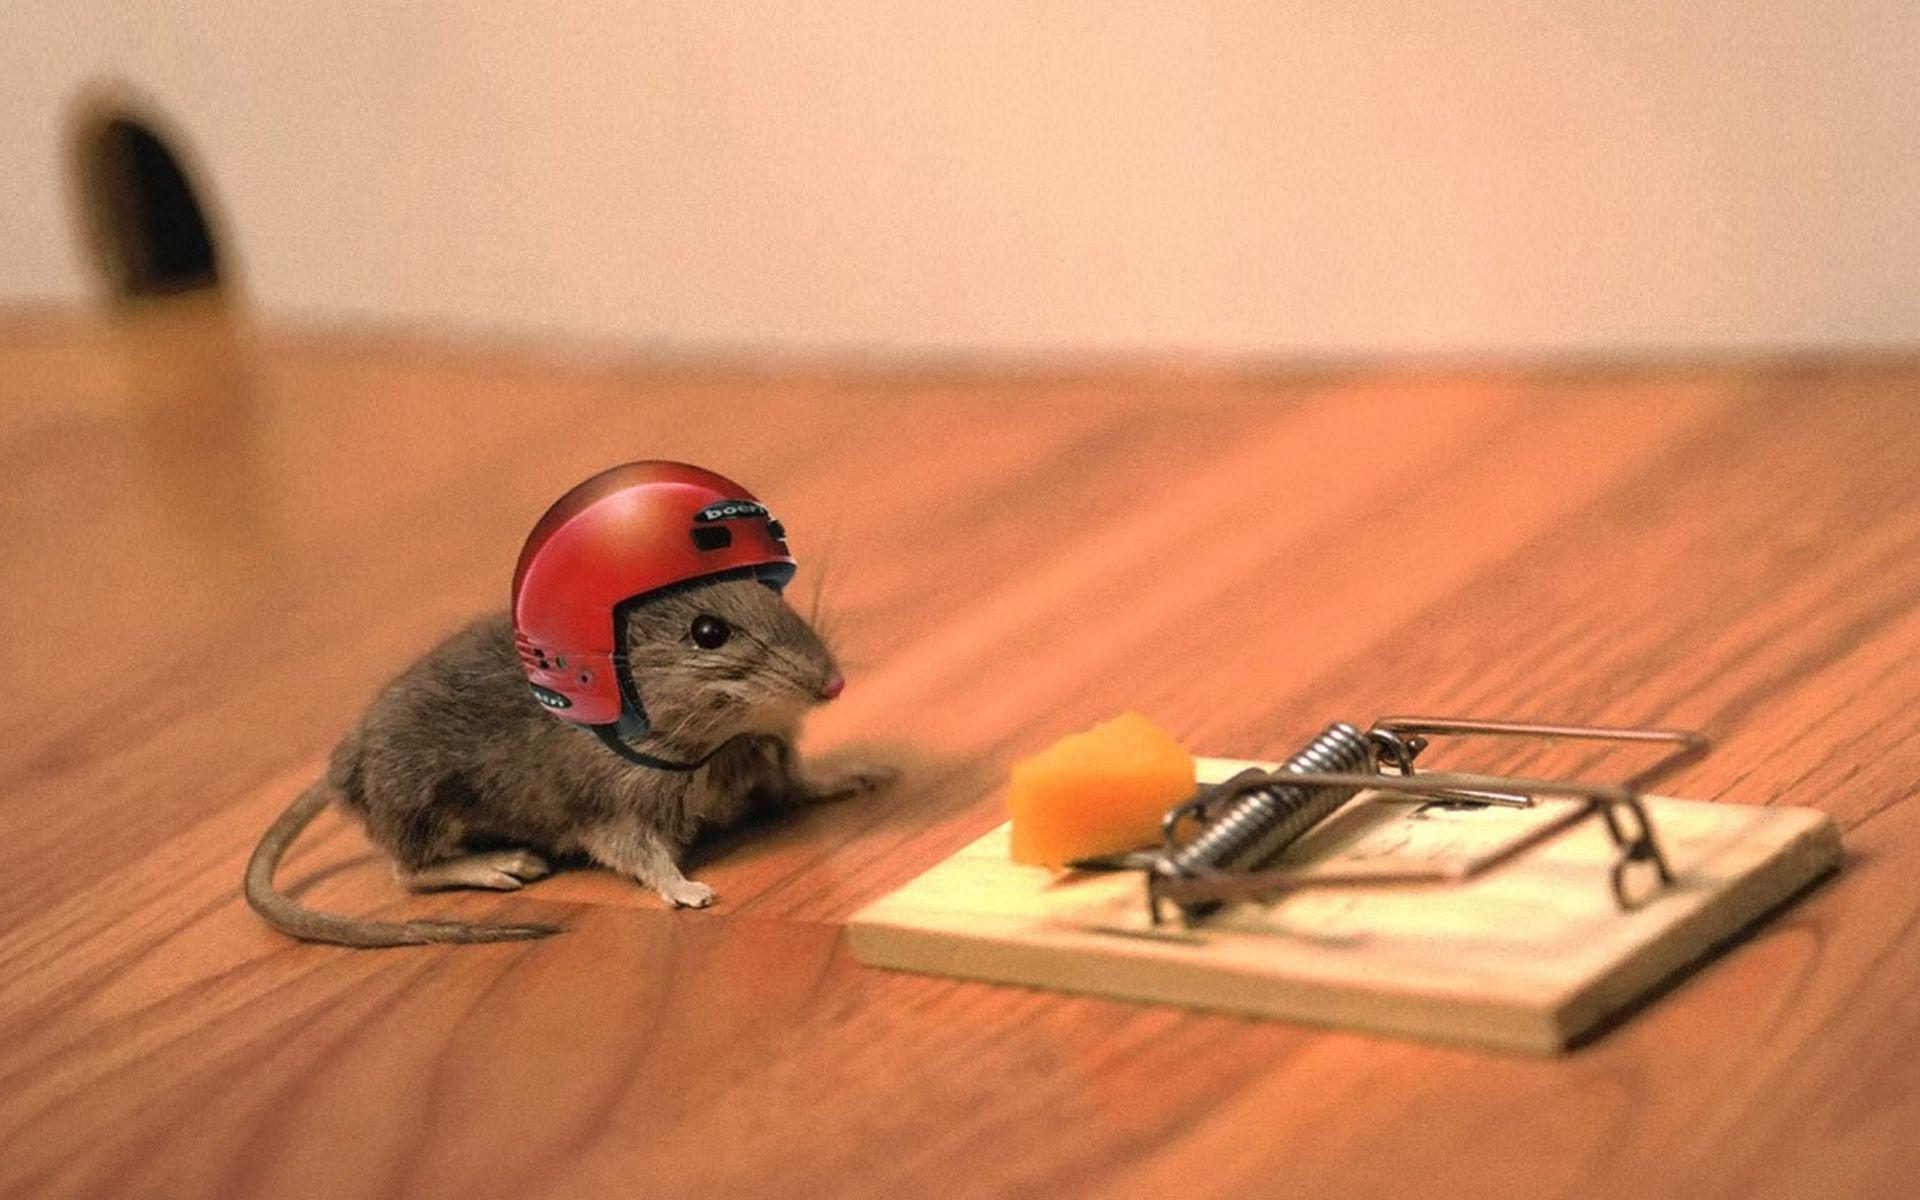 Trampa para ratones y encuestas con queso – Comiendo Tierra